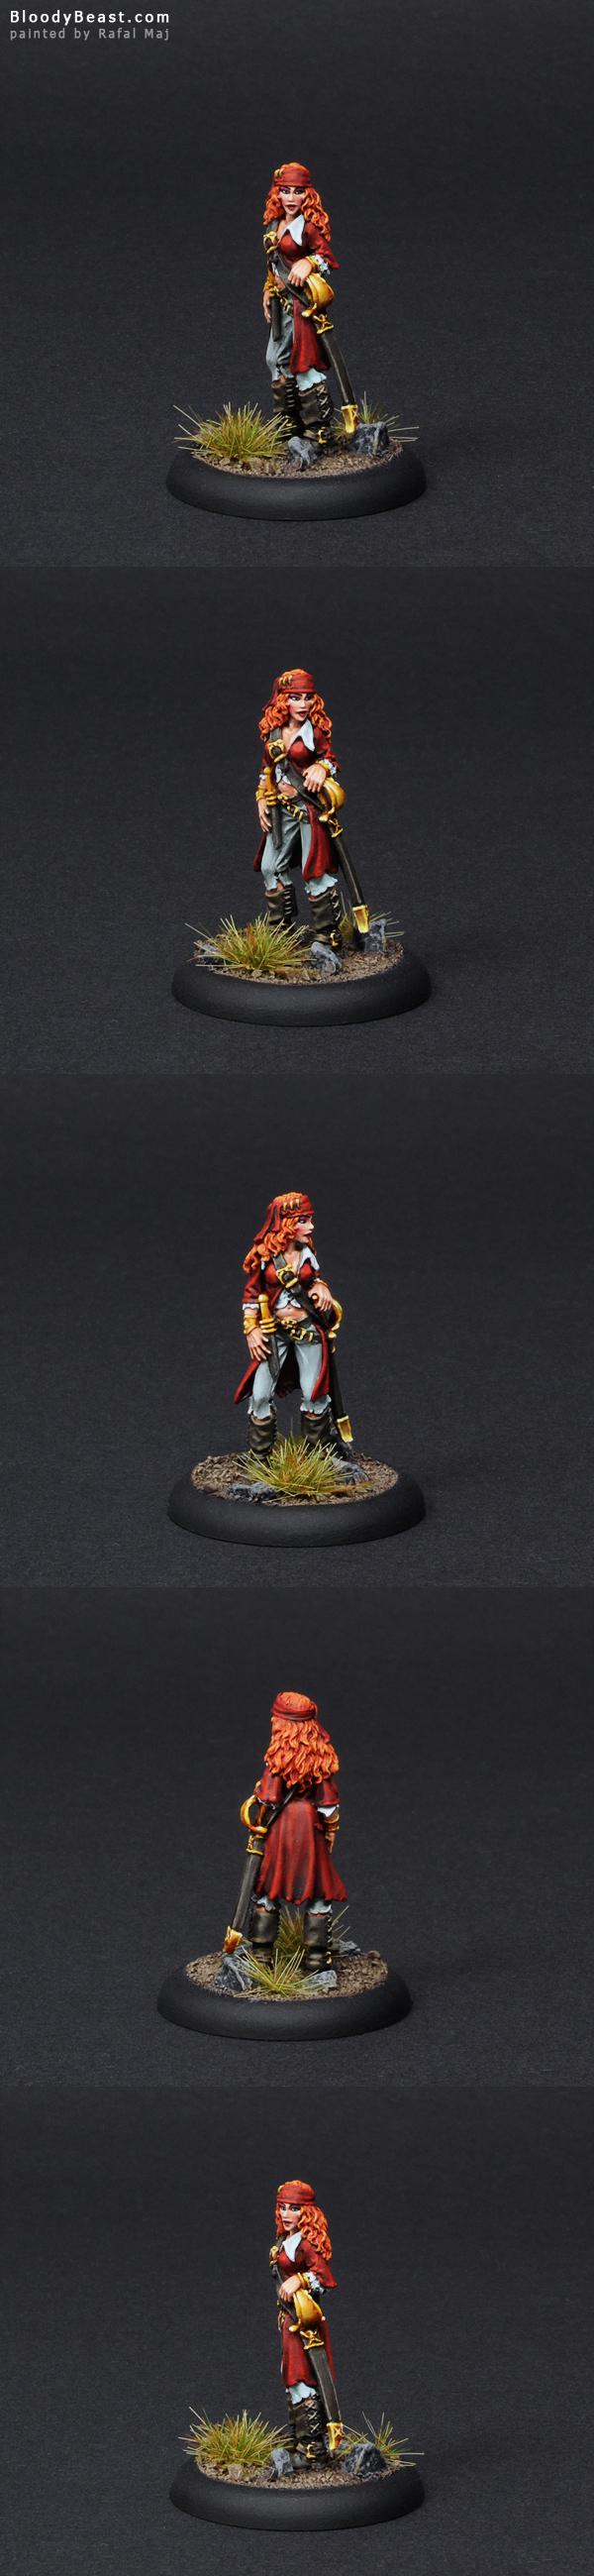 Reaper Pirate Girl Kassata Lewynn painted by Rafal Maj (BloodyBeast.com)